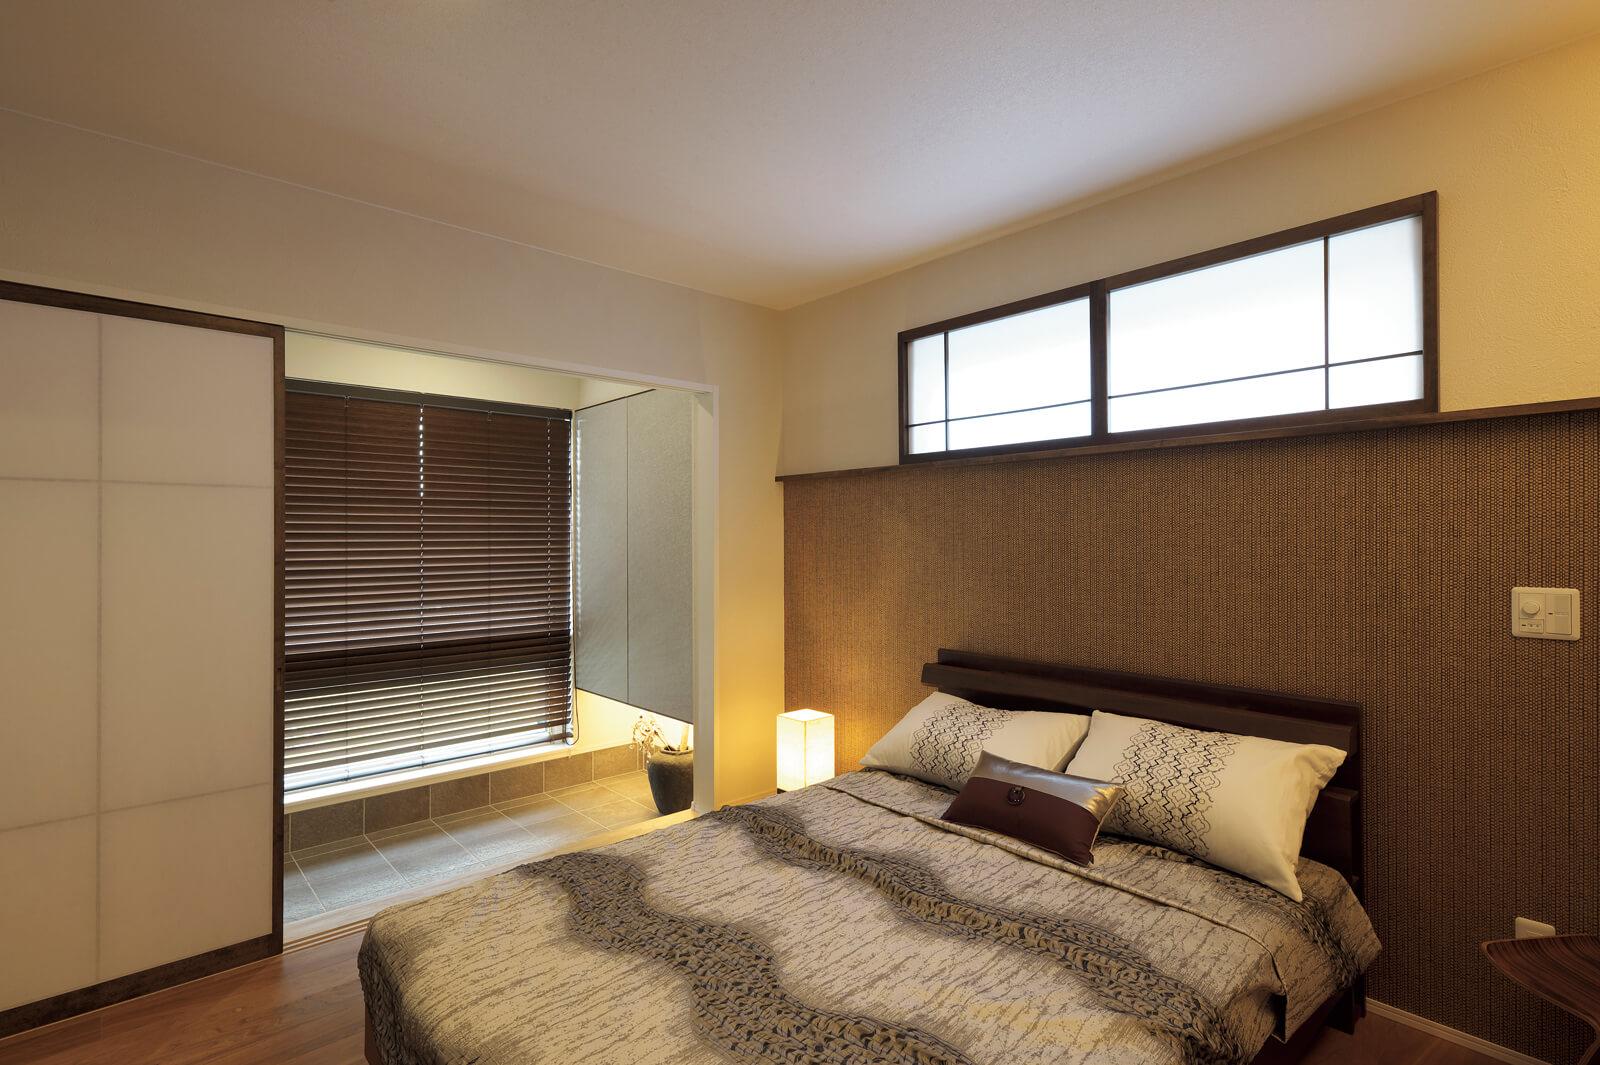 寝室は、心和む暖色系の間接照明とブラウン系の落ち着いた内装でまとめ上げたシックな空間。ベッドの上から眺める土間の風景にホテルライクの上質感が漂い、ワンランク上の癒しや非日常のくつろぎを感じられる